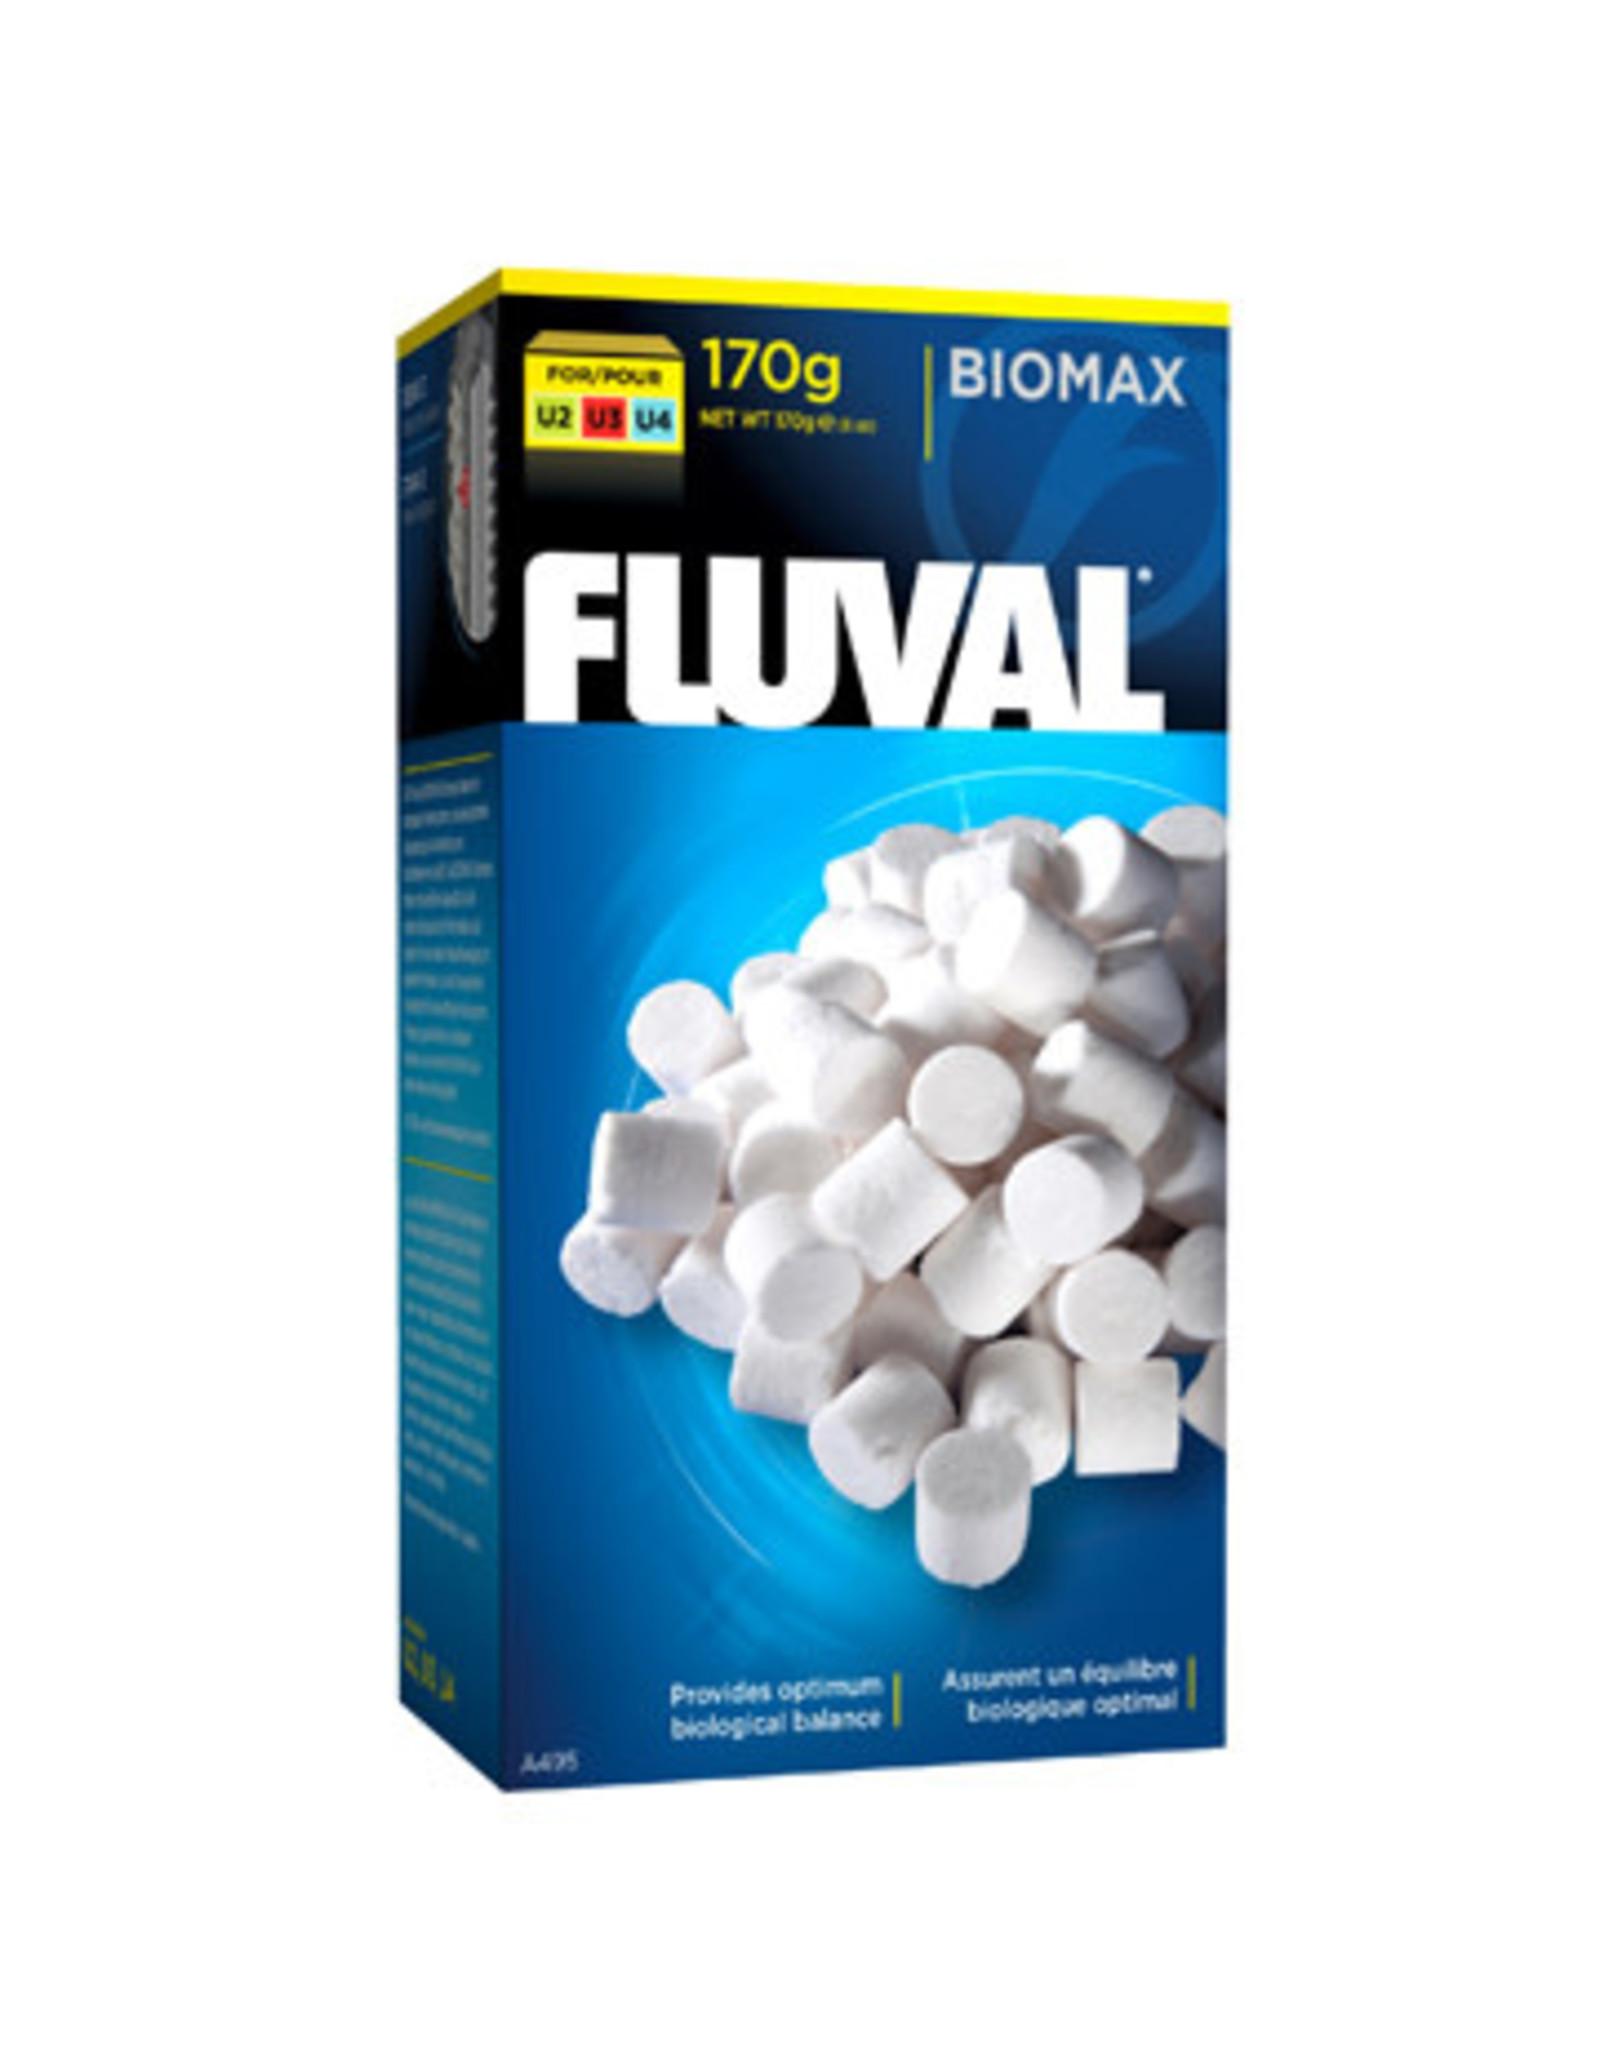 Fluval Fluval Underwater Filter BioMax - 110g